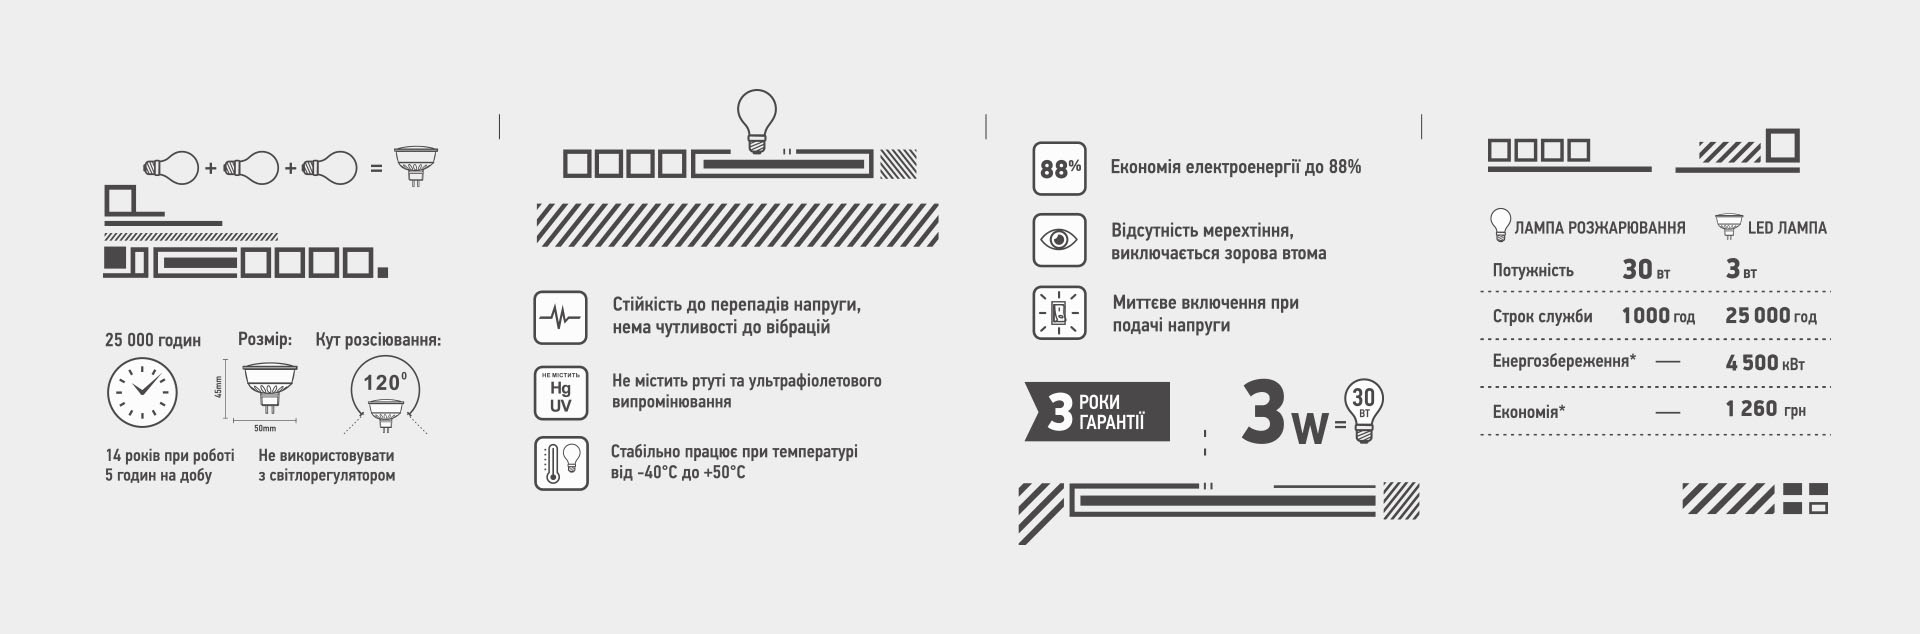 Дизайн иконок для упаковки ламп